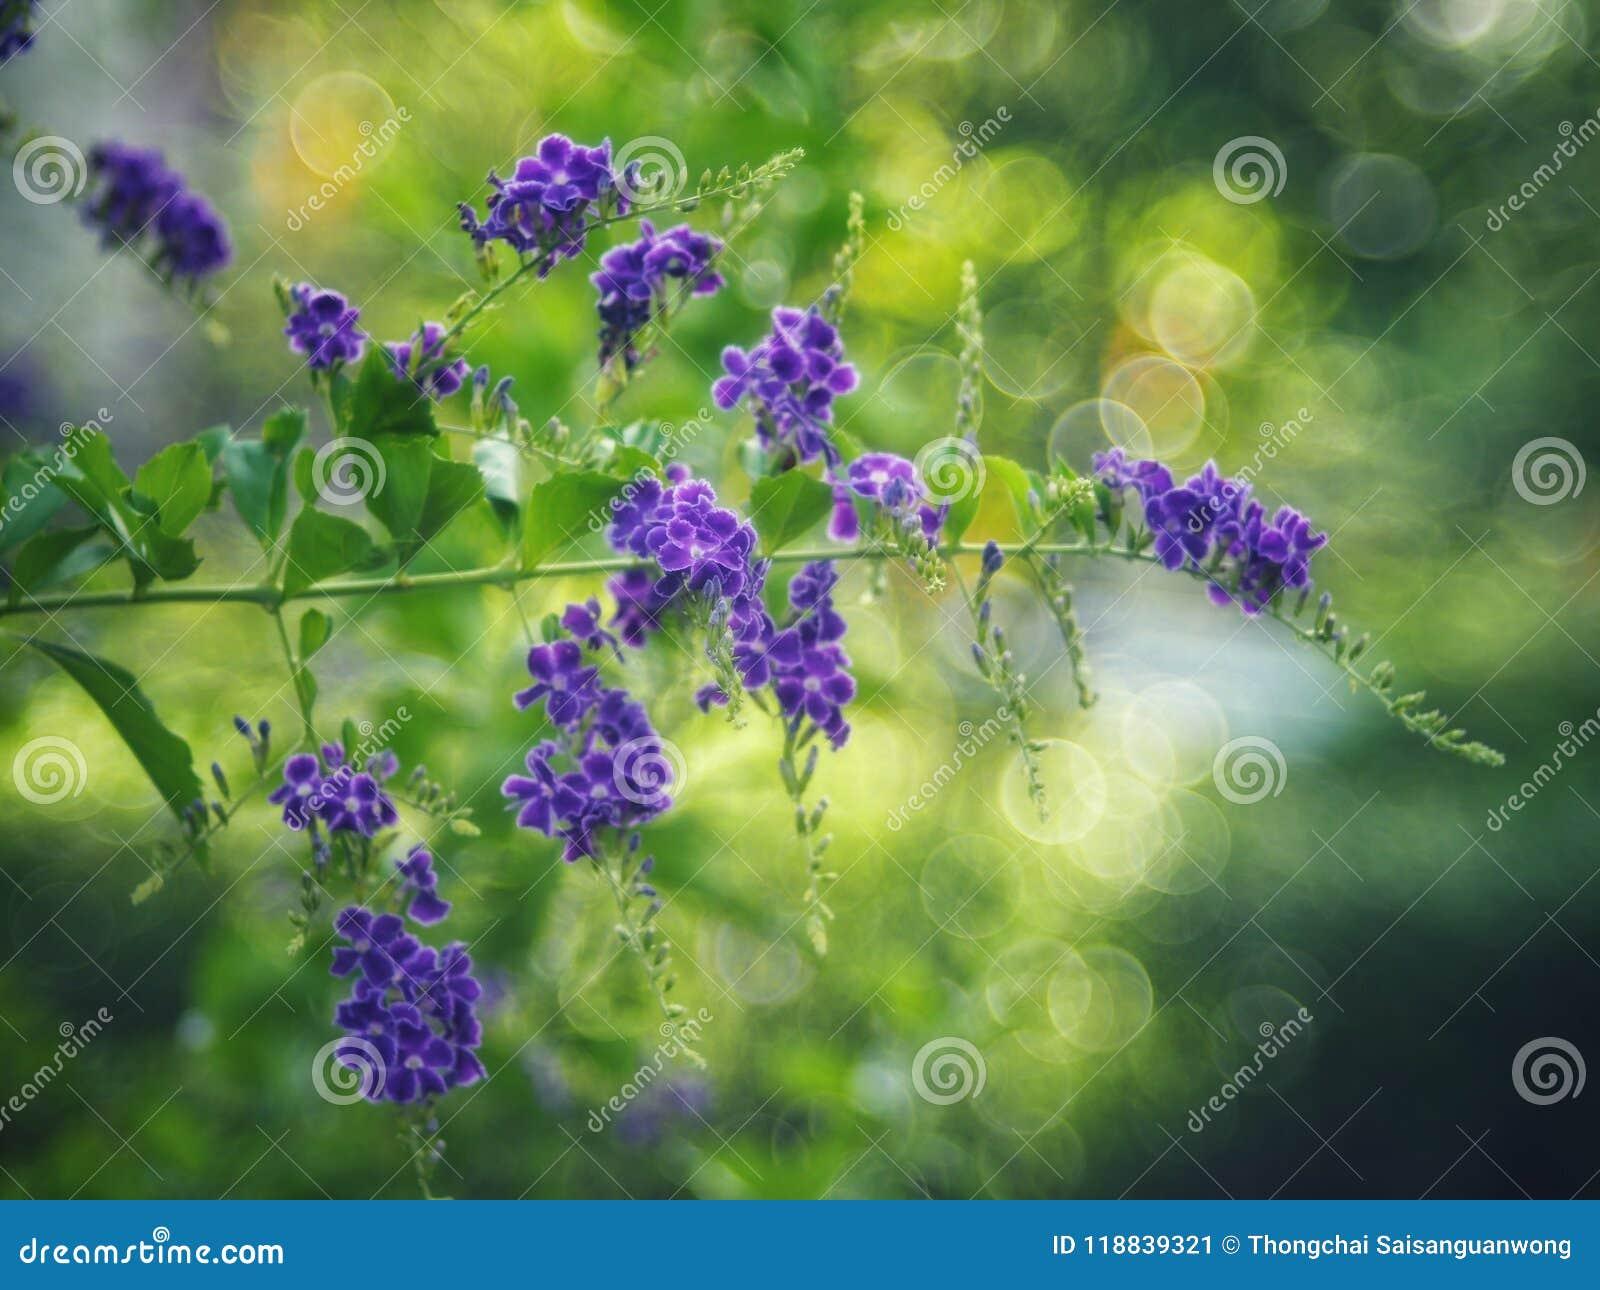 Gota de orvalho dourada, flor do céu de Crepping, baga de pombo Pelos povos tailandeses chamados gotas da vela É uma flor roxa